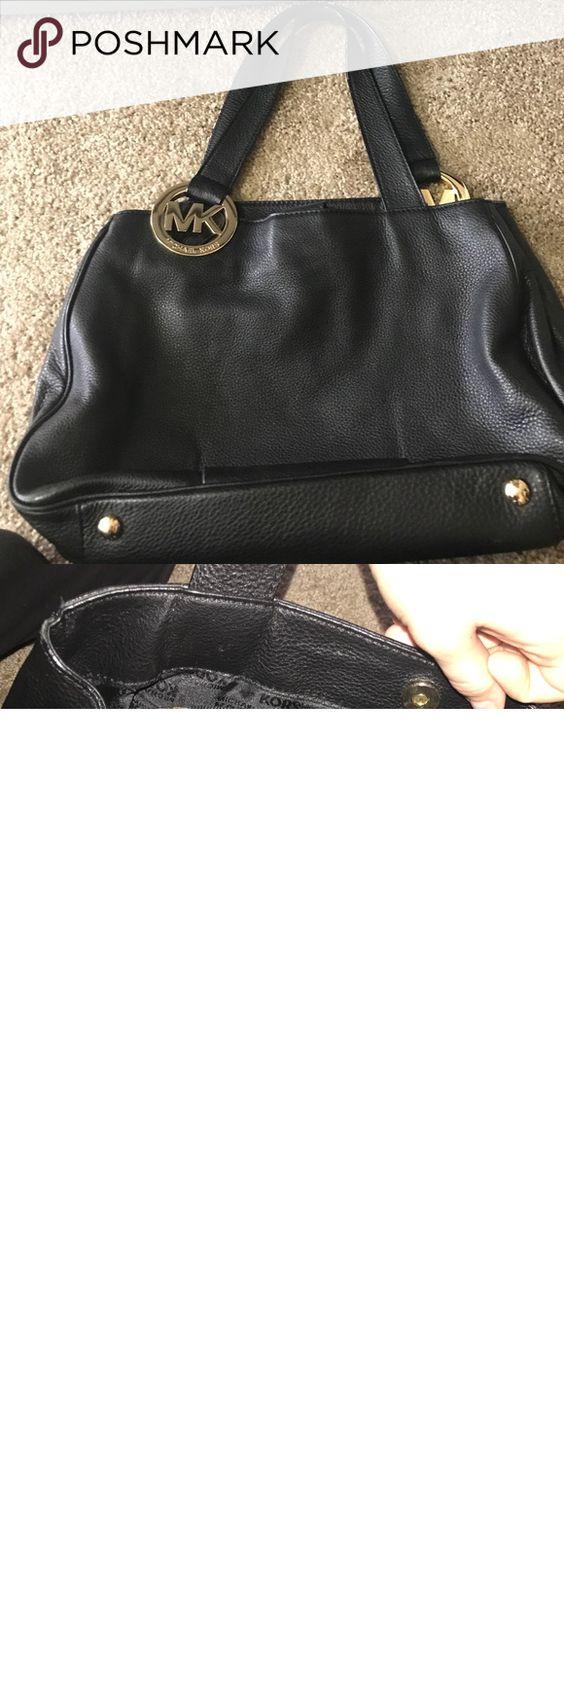 Micheal kors purse Black Michael kors purse. Slightly used looks new. KORS  Michael Kors